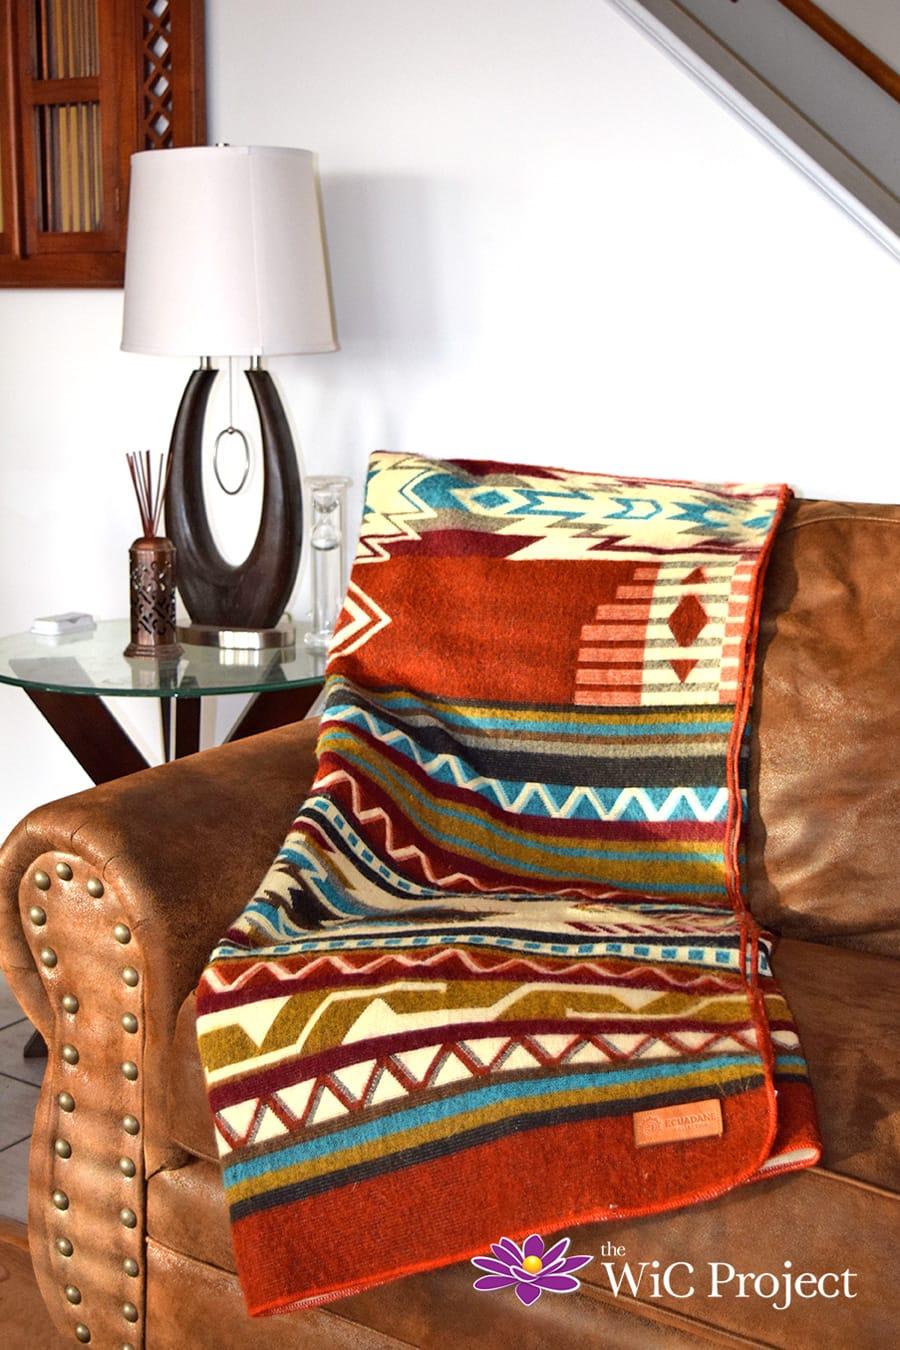 Ecuadane Blankets